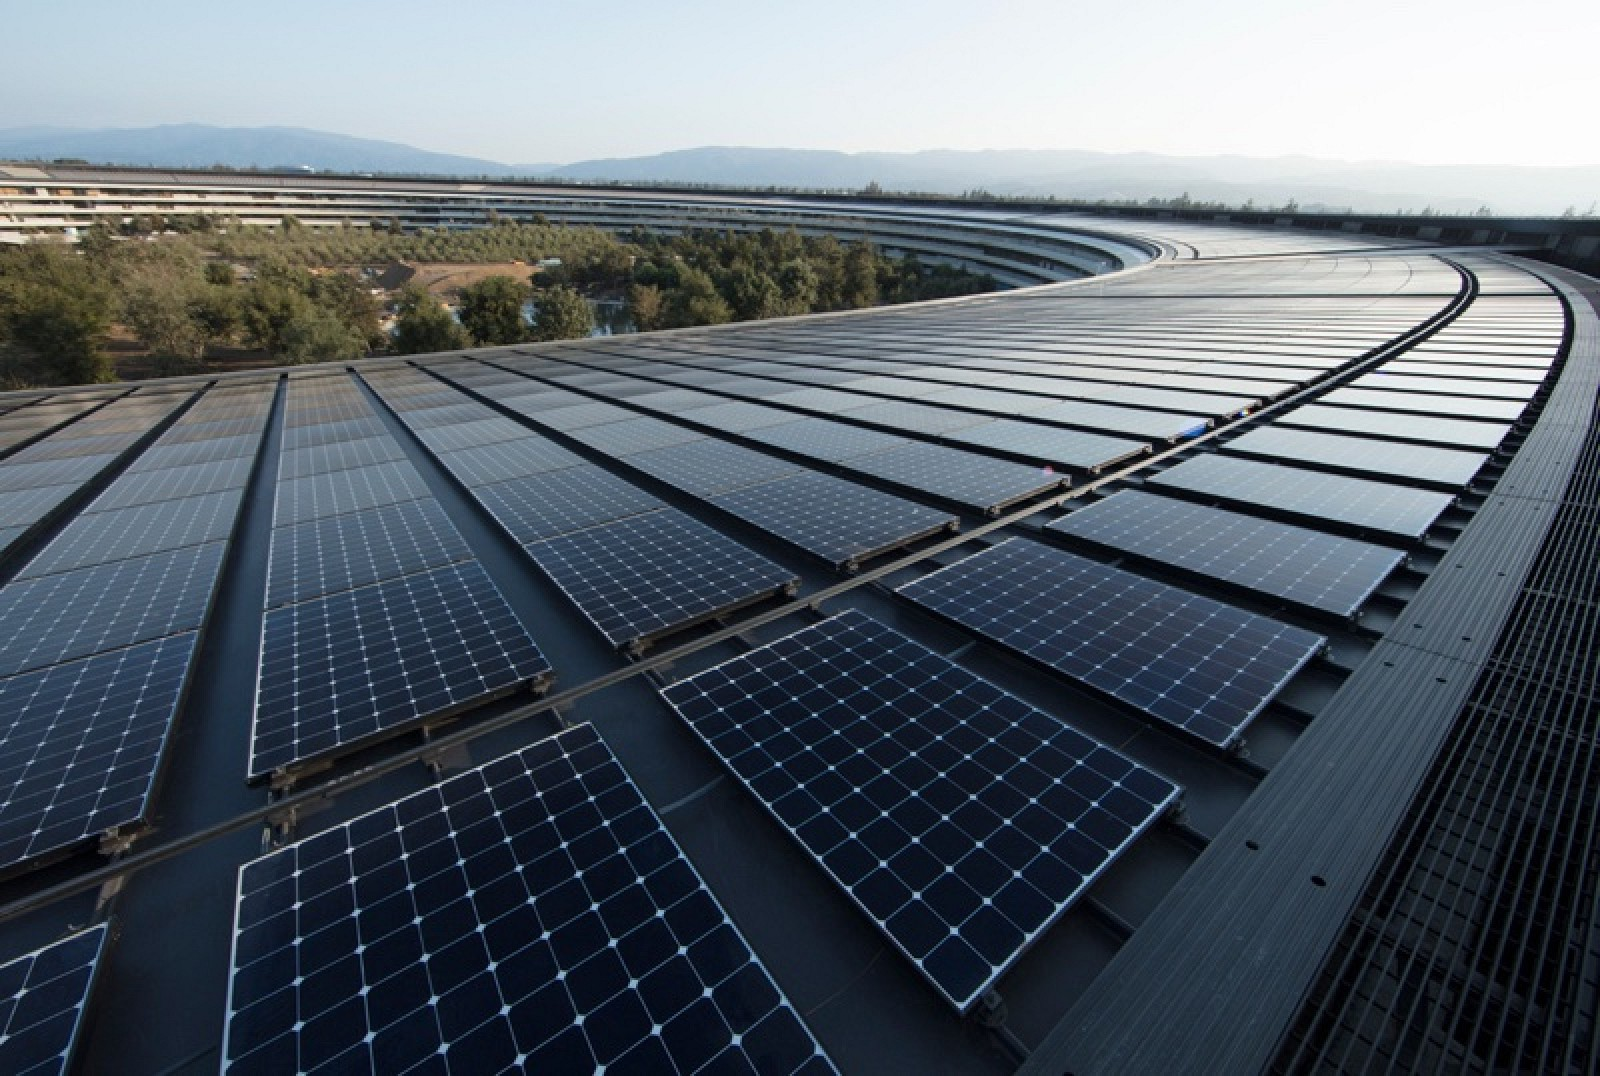 Instalações da Apple funcionam 100% a energias renováveis